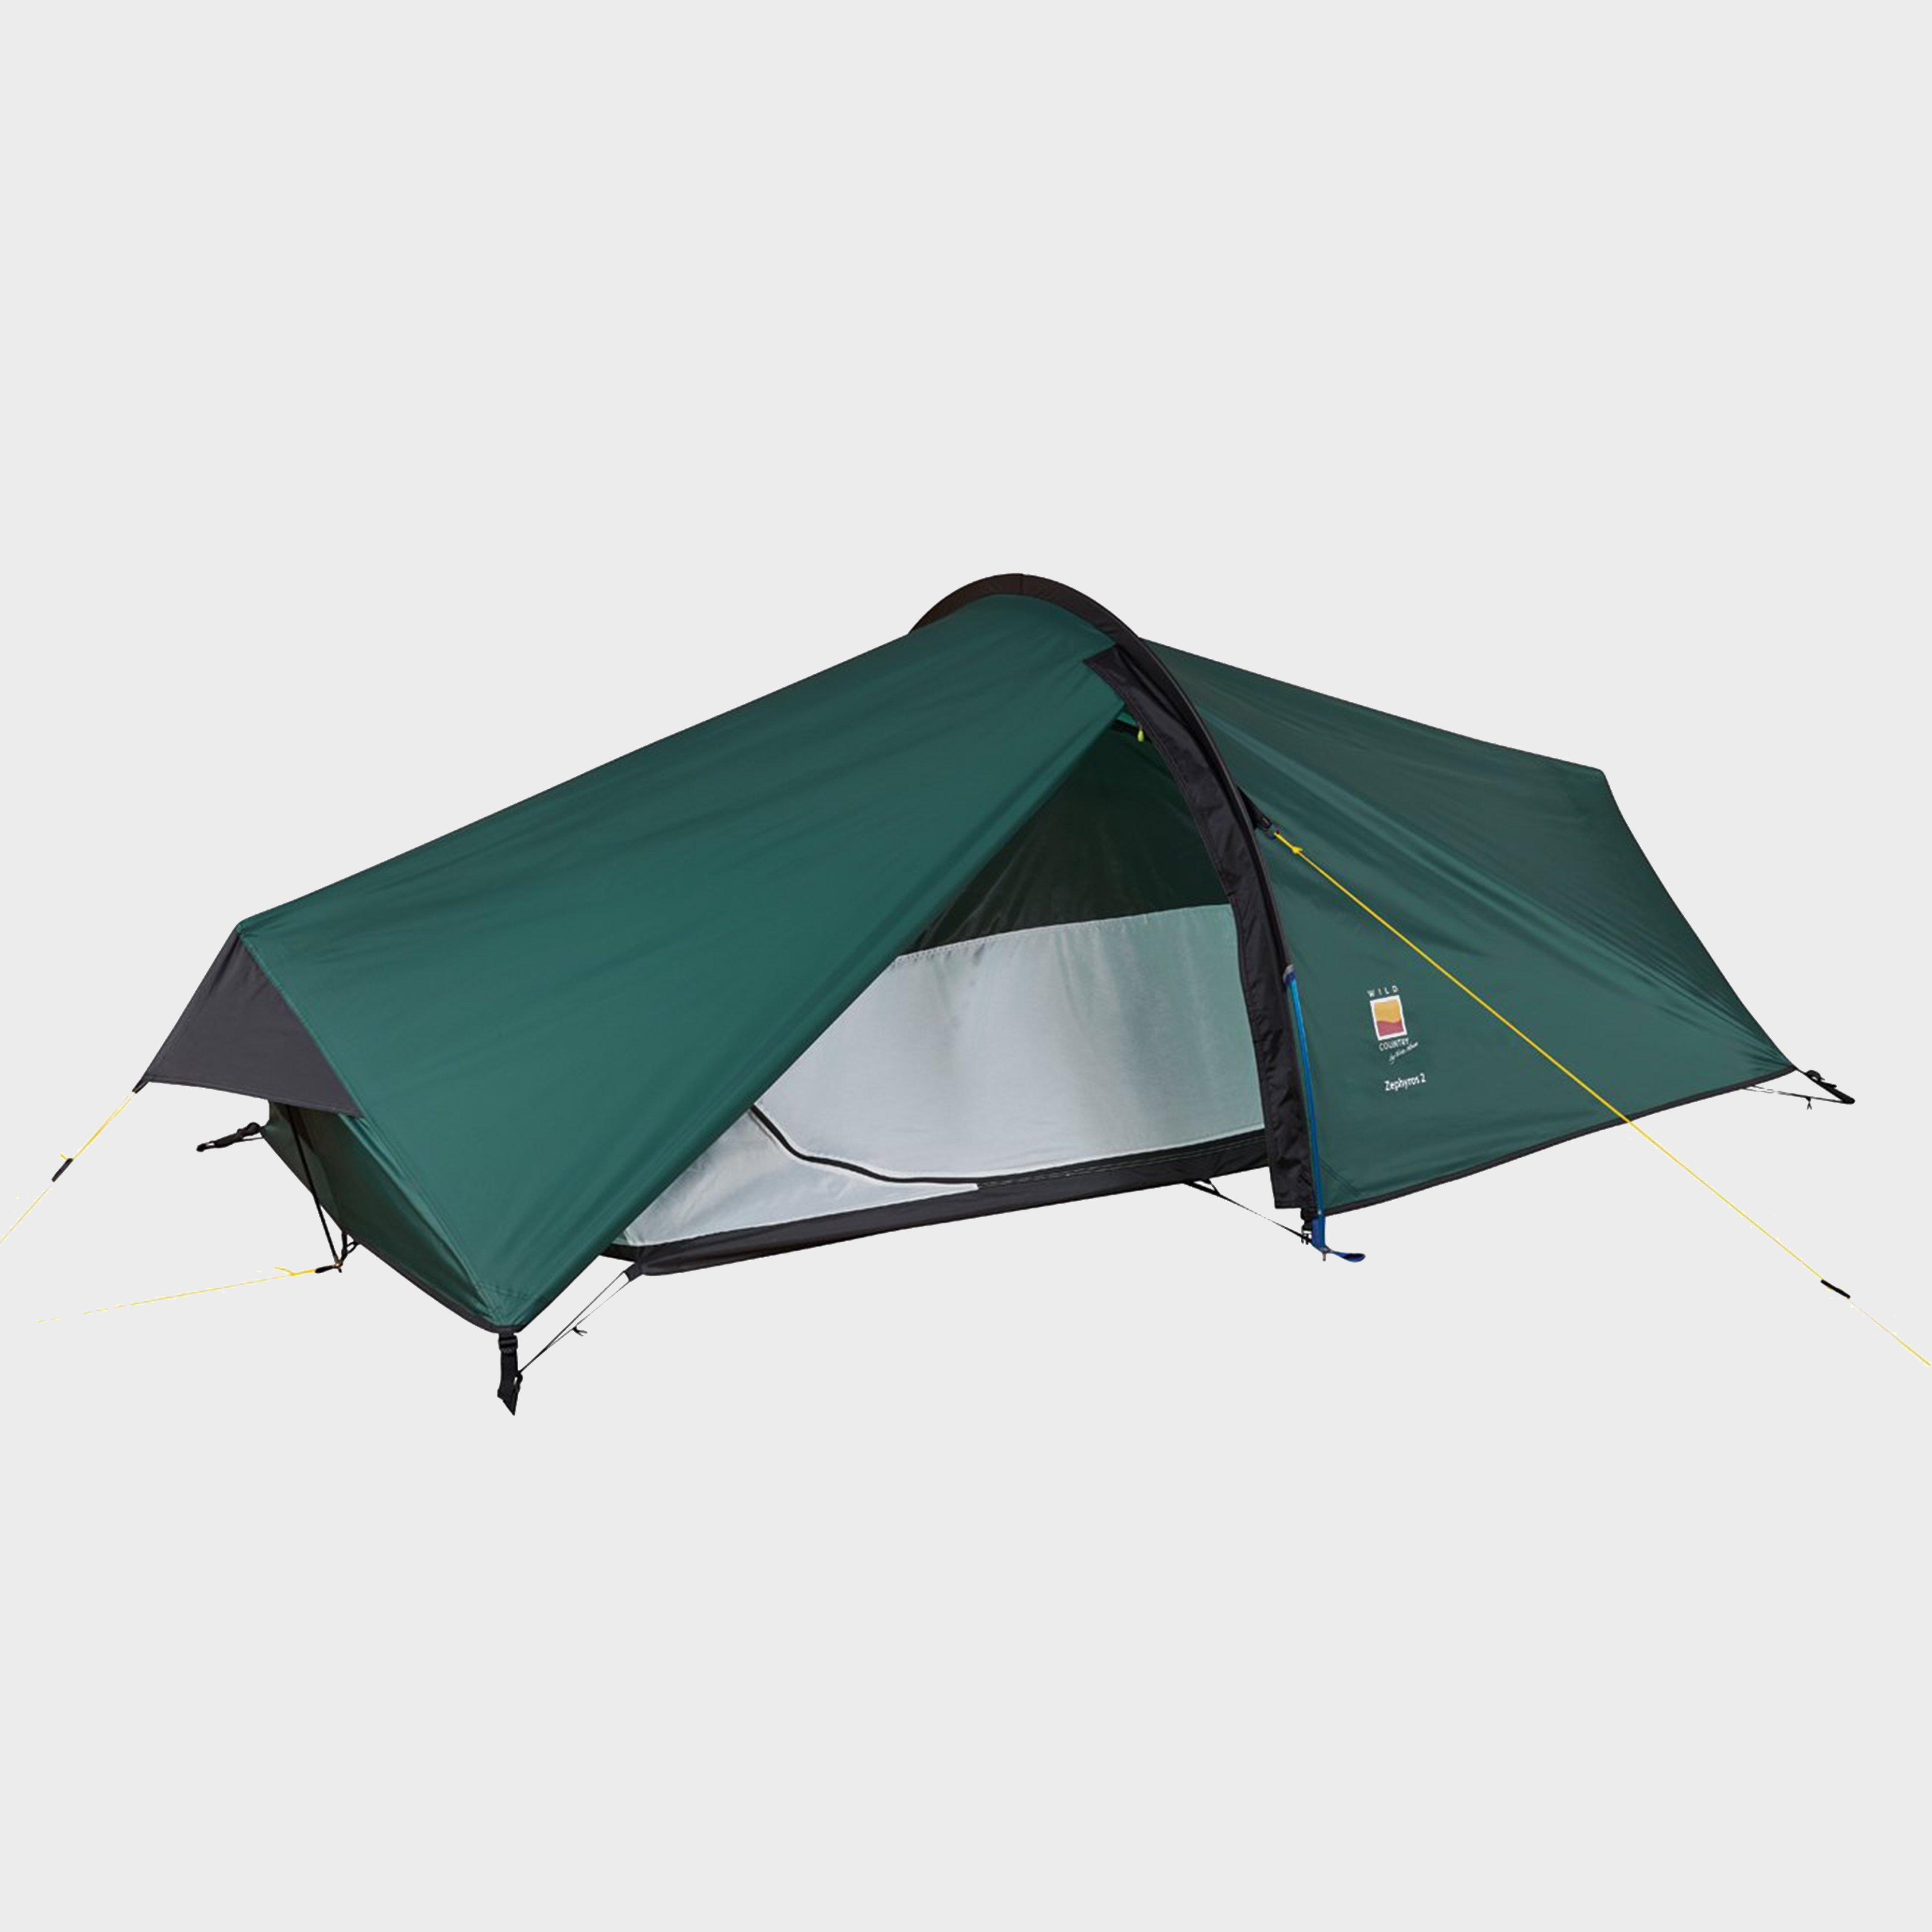 Terra Nova Zephyros Compact 2 Tent